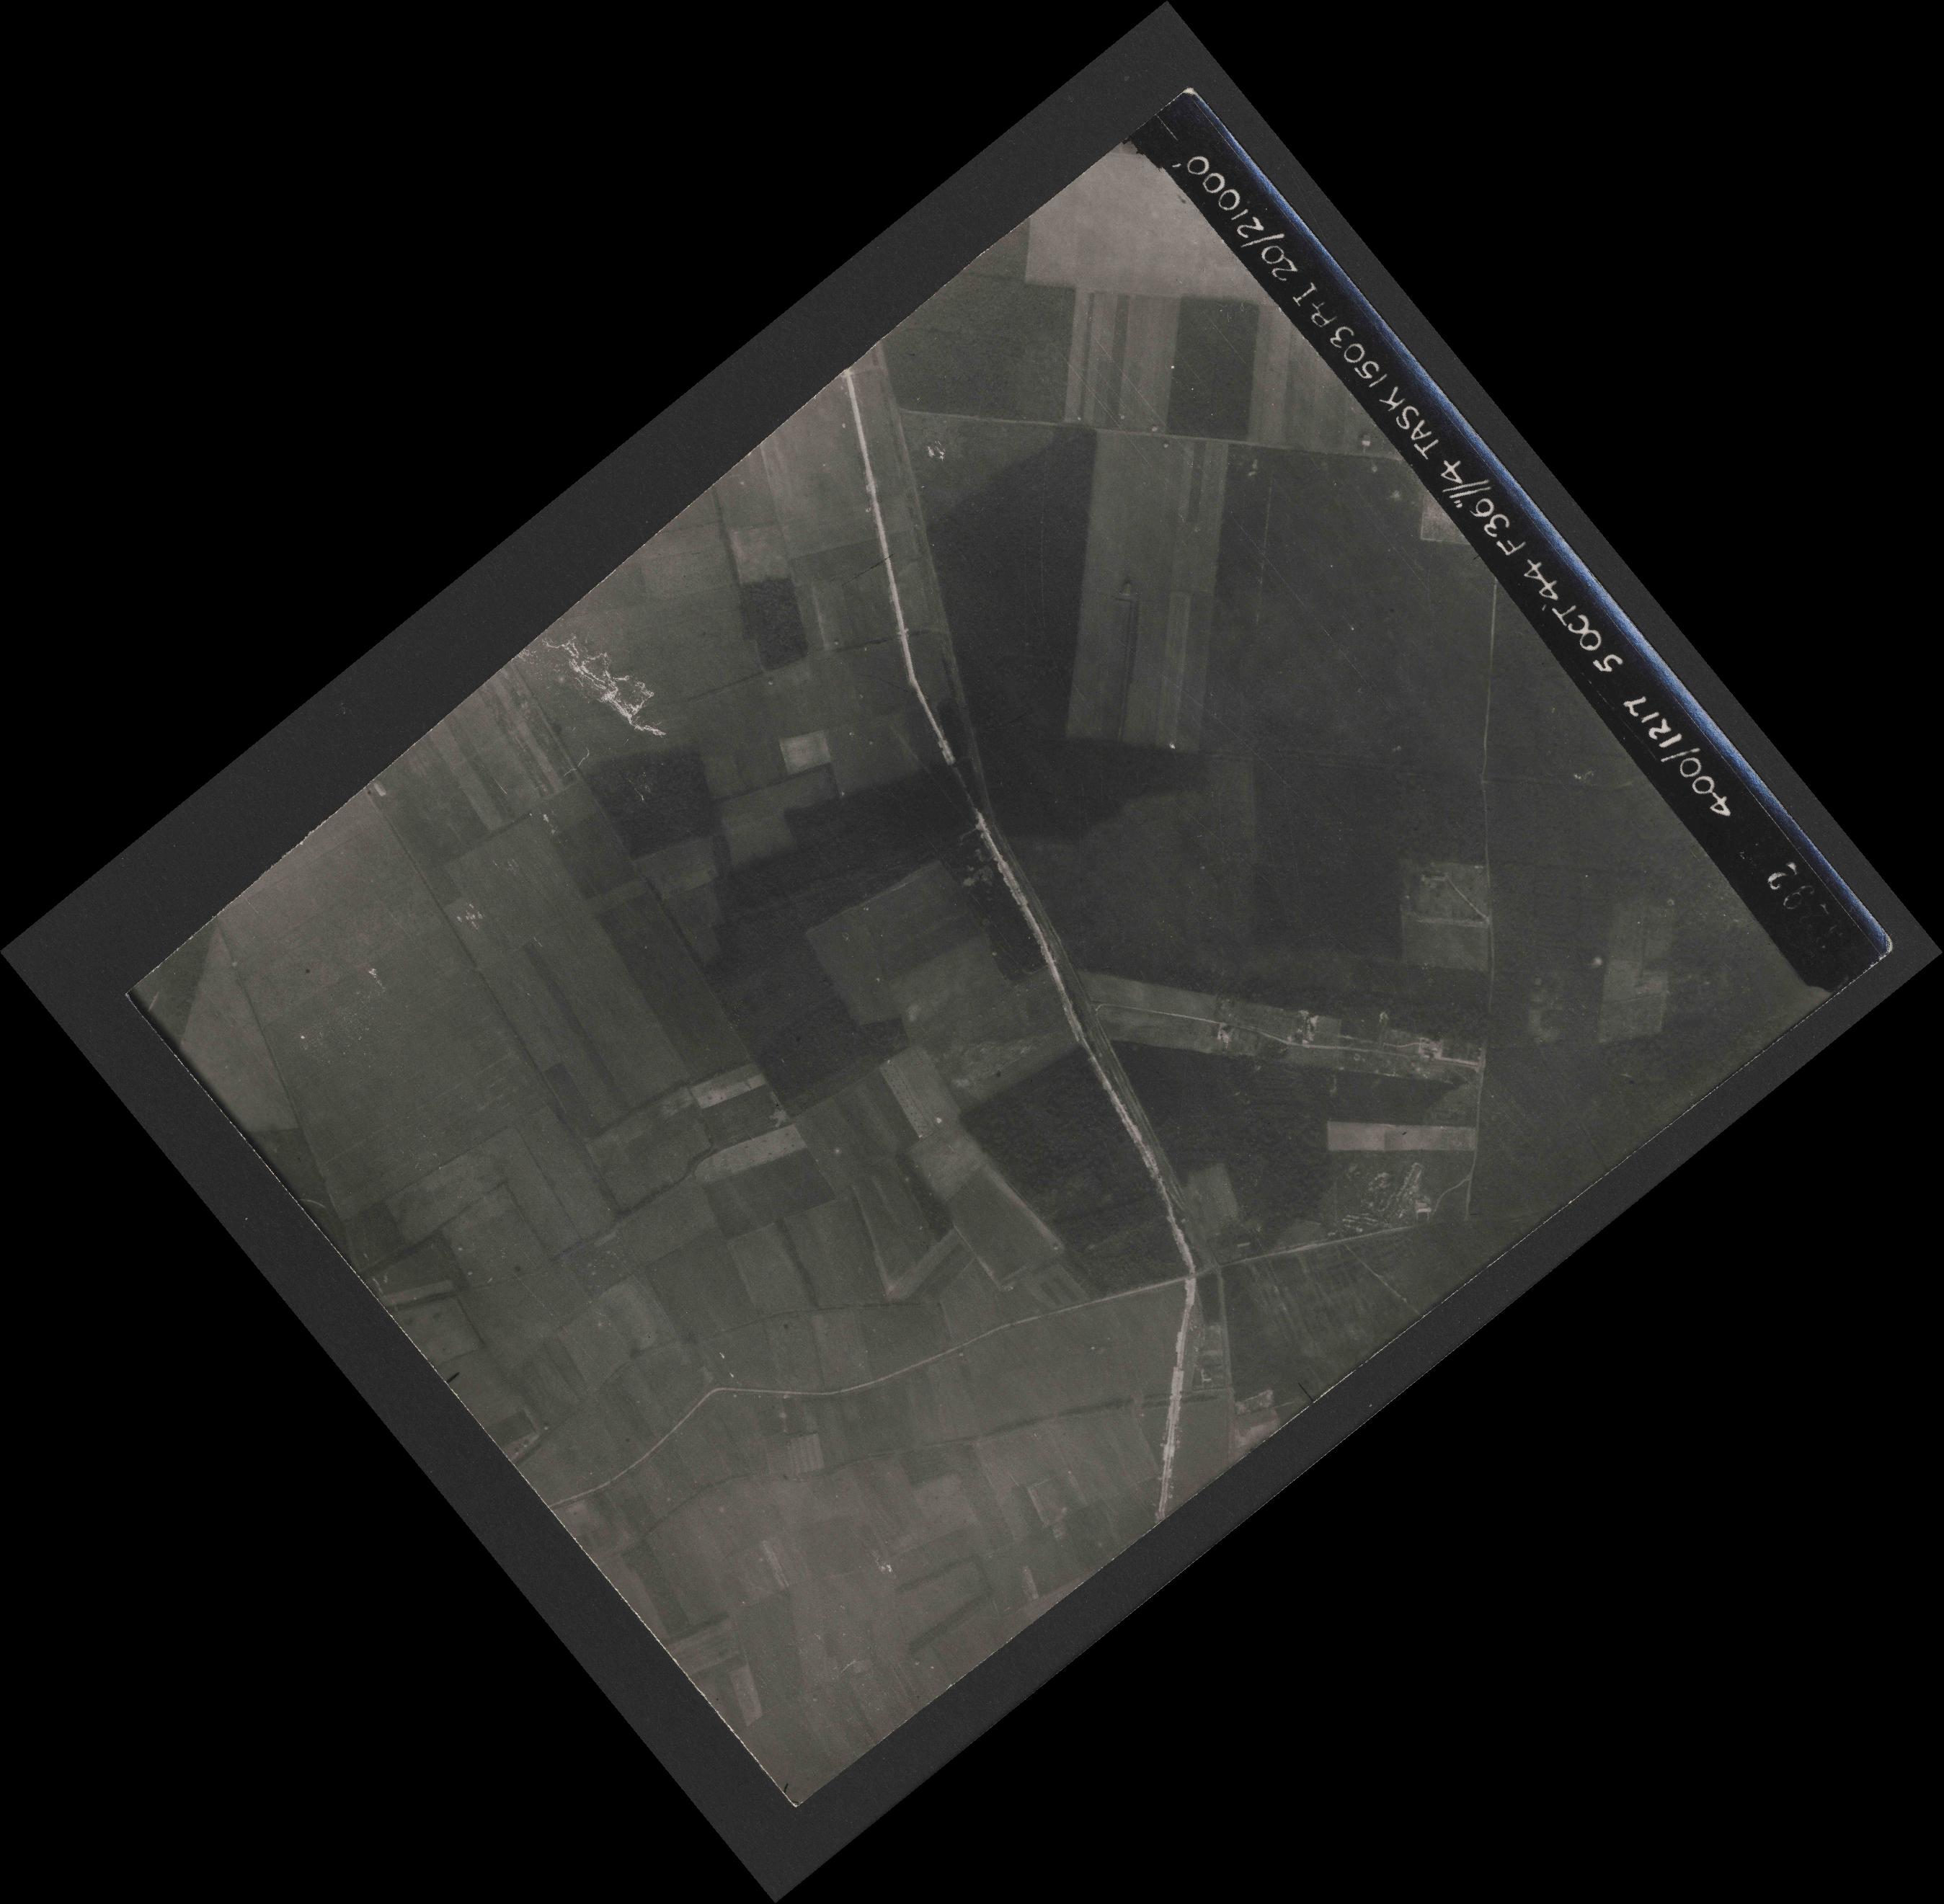 Collection RAF aerial photos 1940-1945 - flight 316, run 11, photo 3292